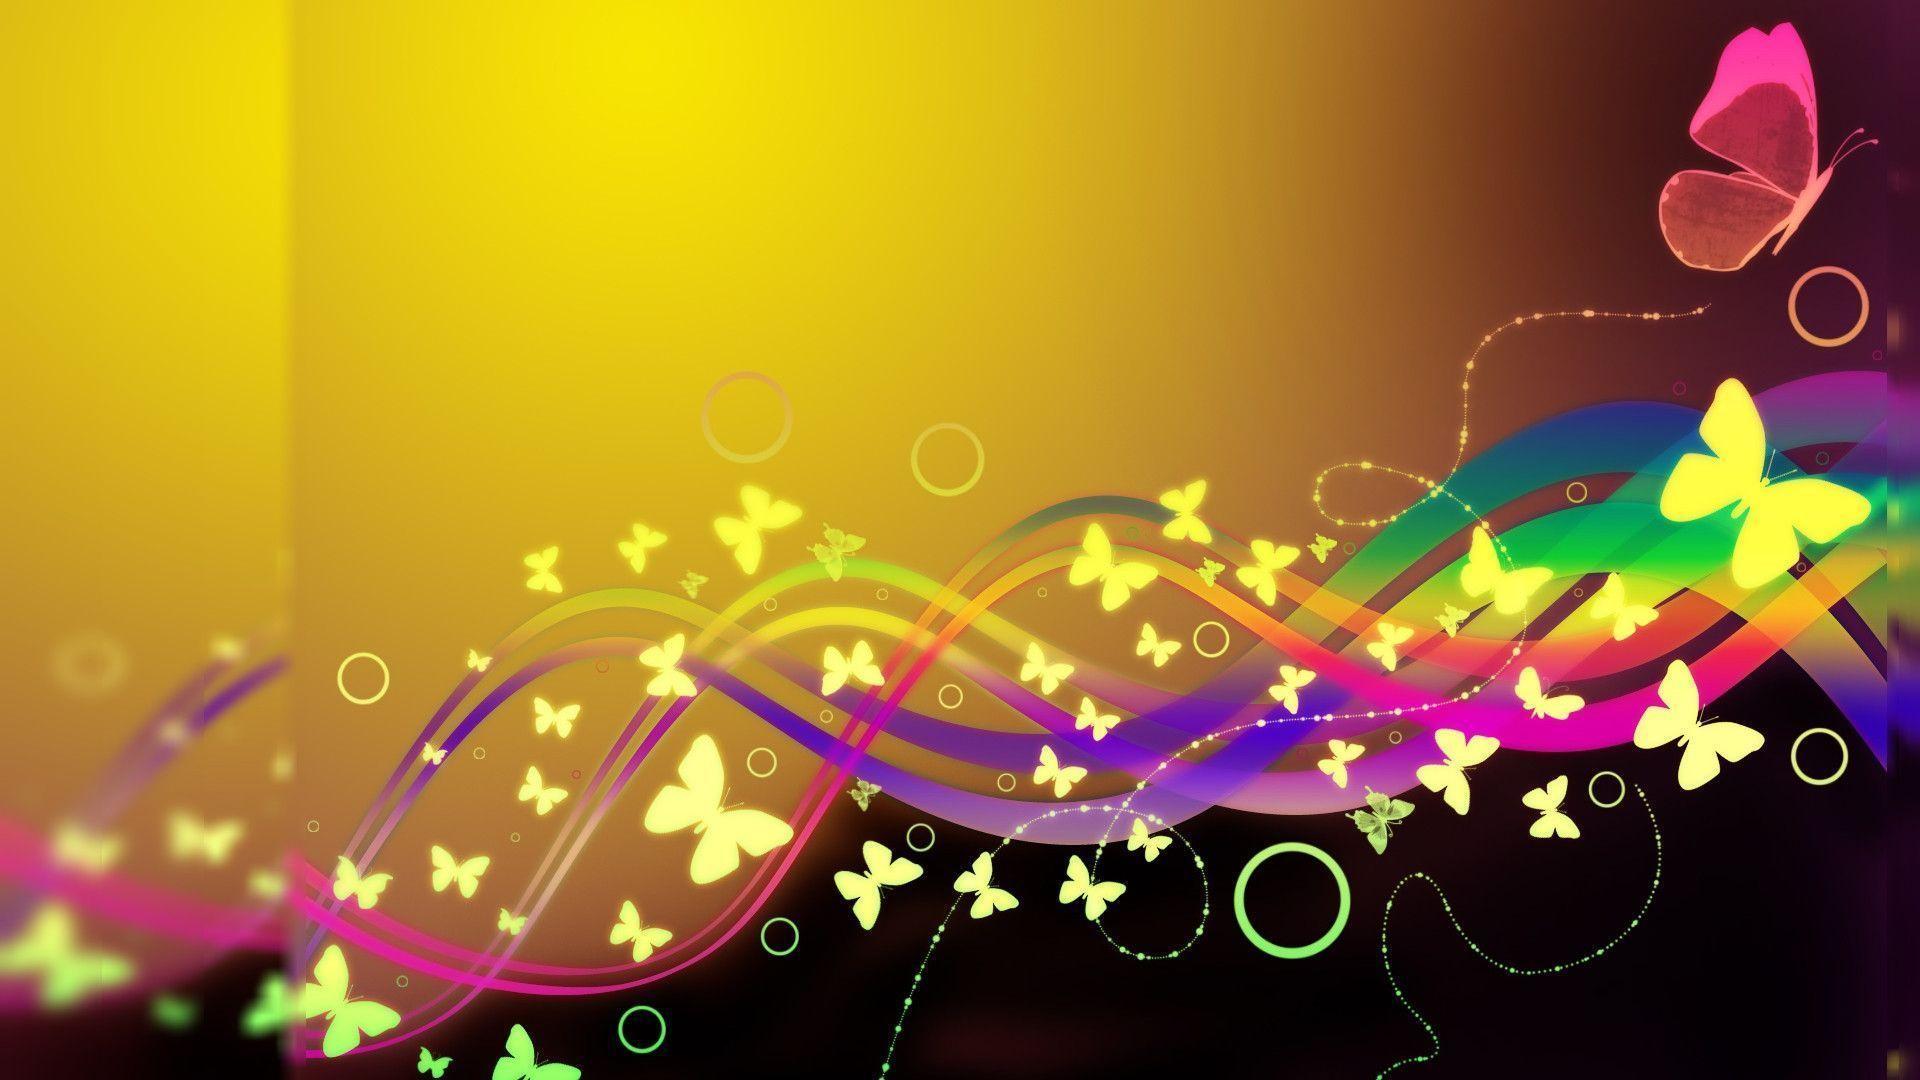 Download Butterfly Desktop Wallpapers In HD | HD Wallpapers ...